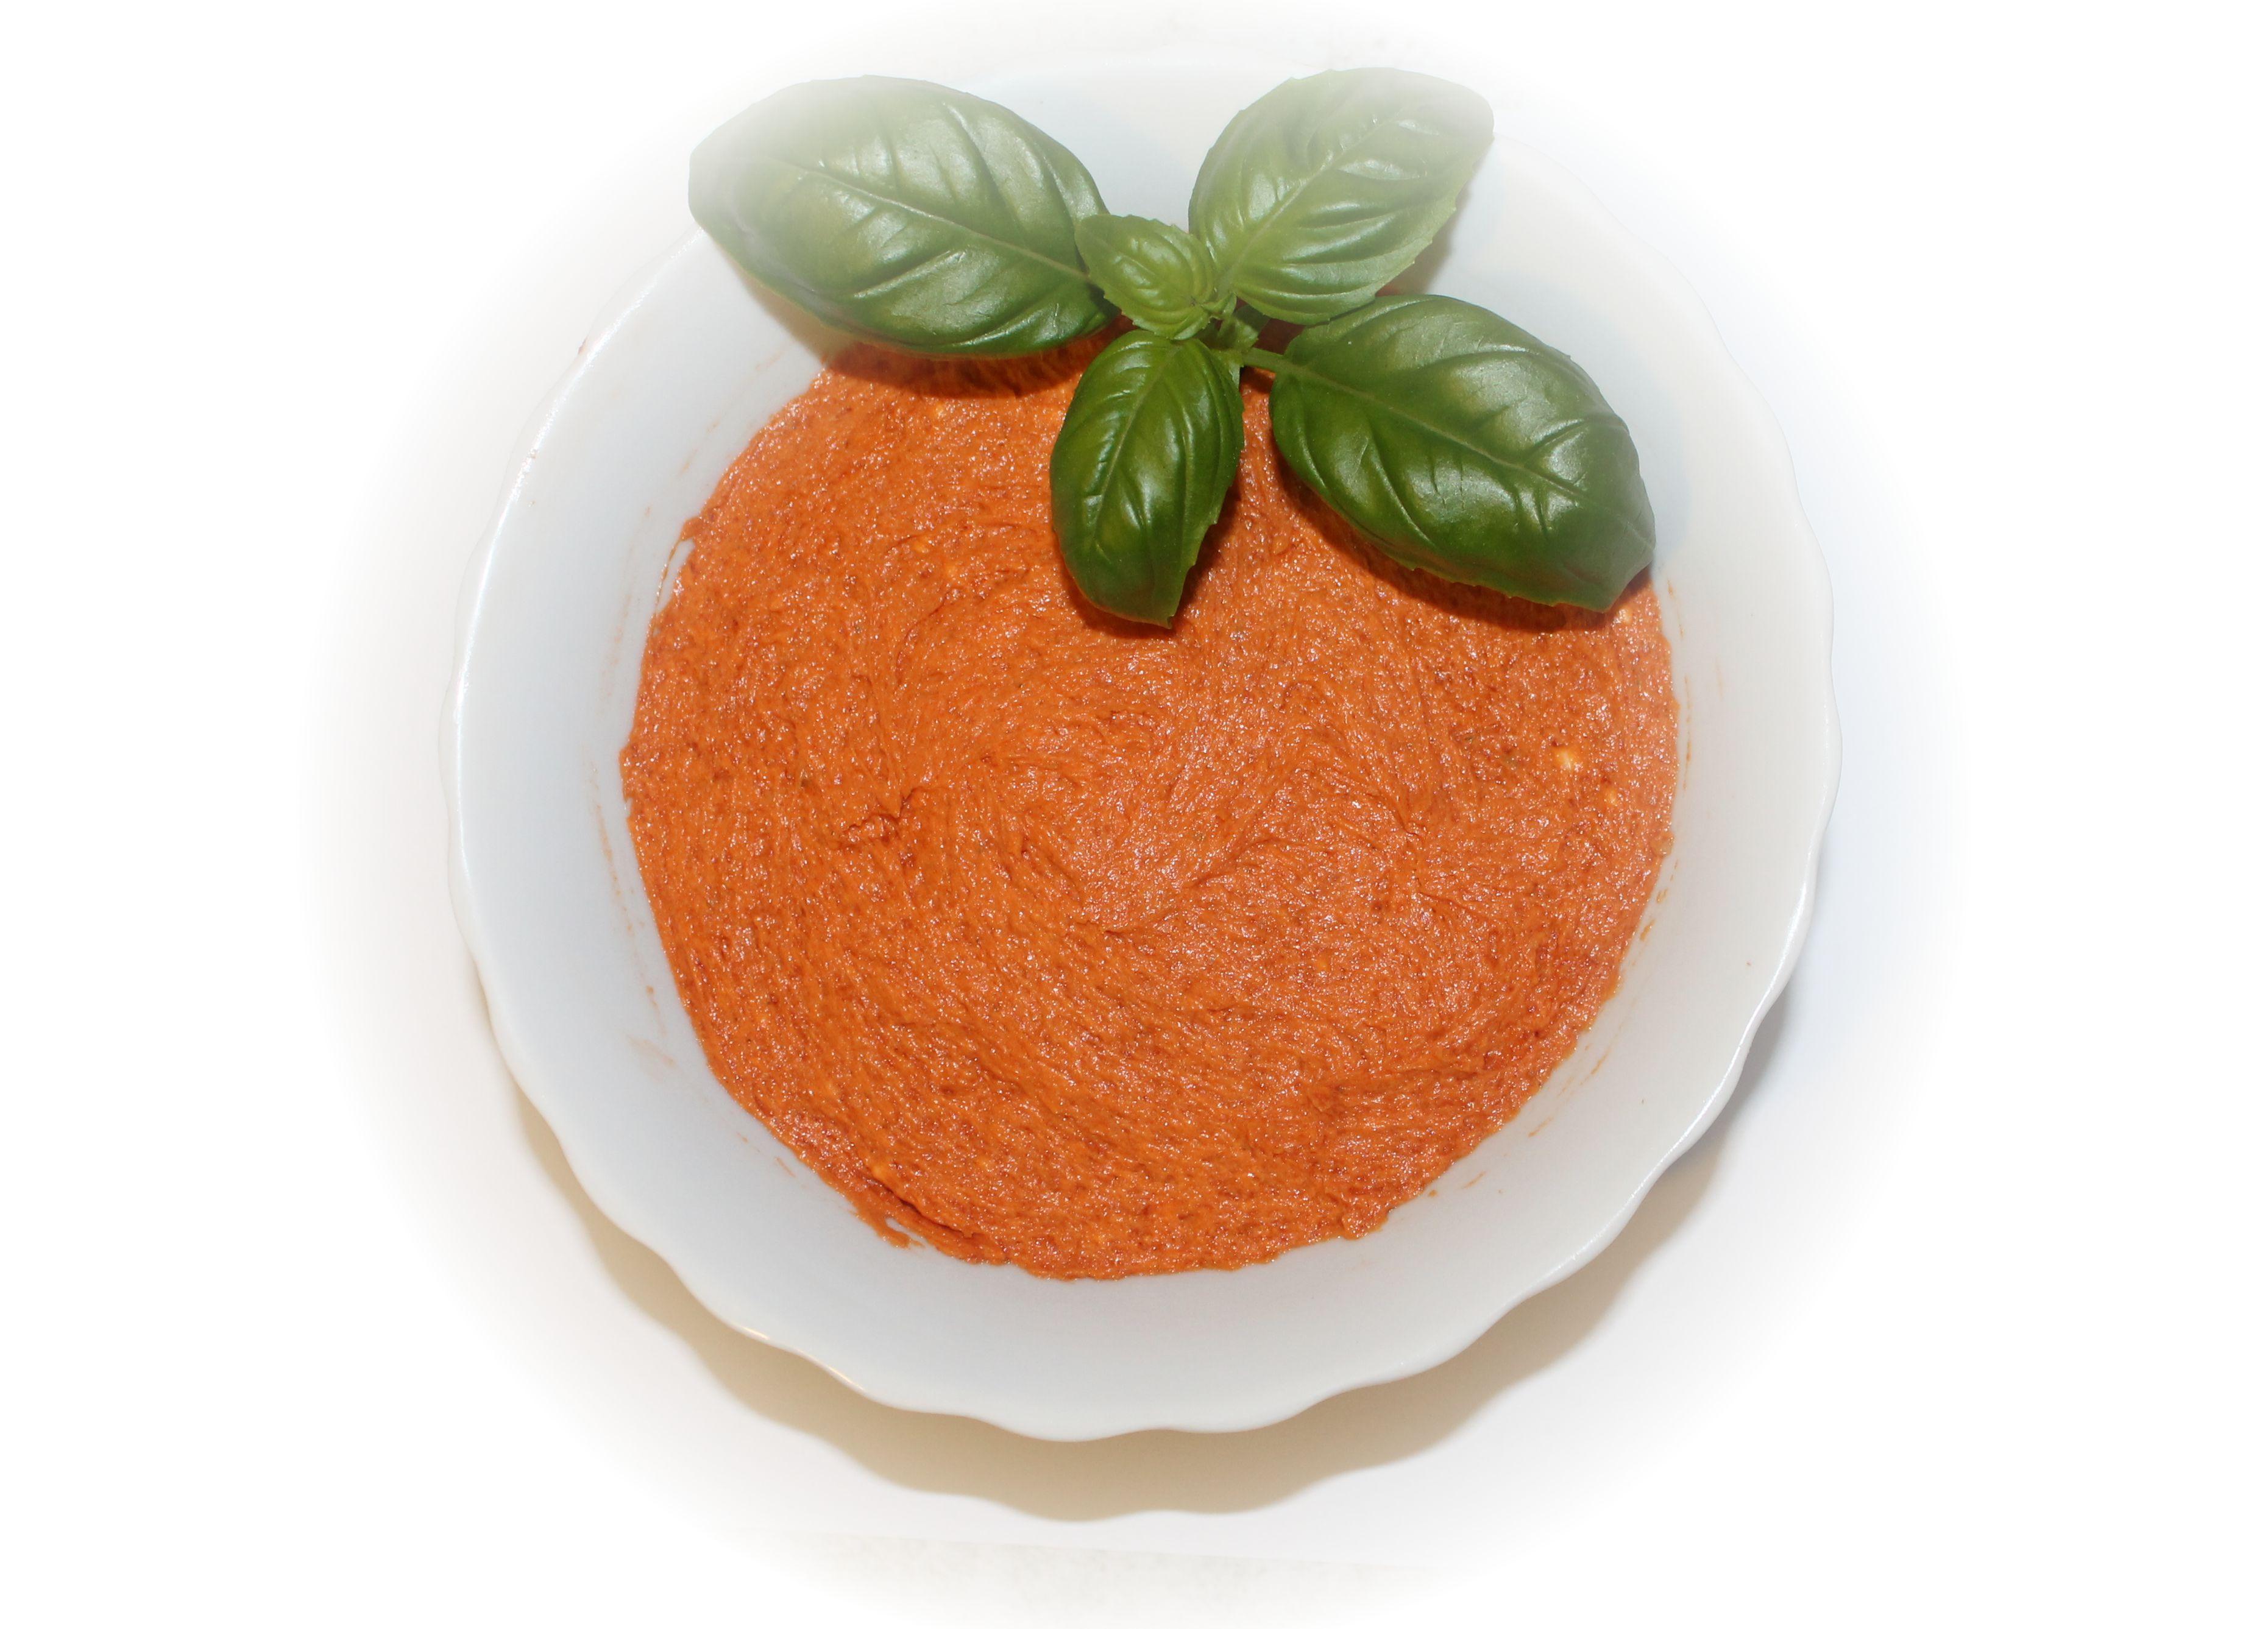 przepis na masło pomidorowe